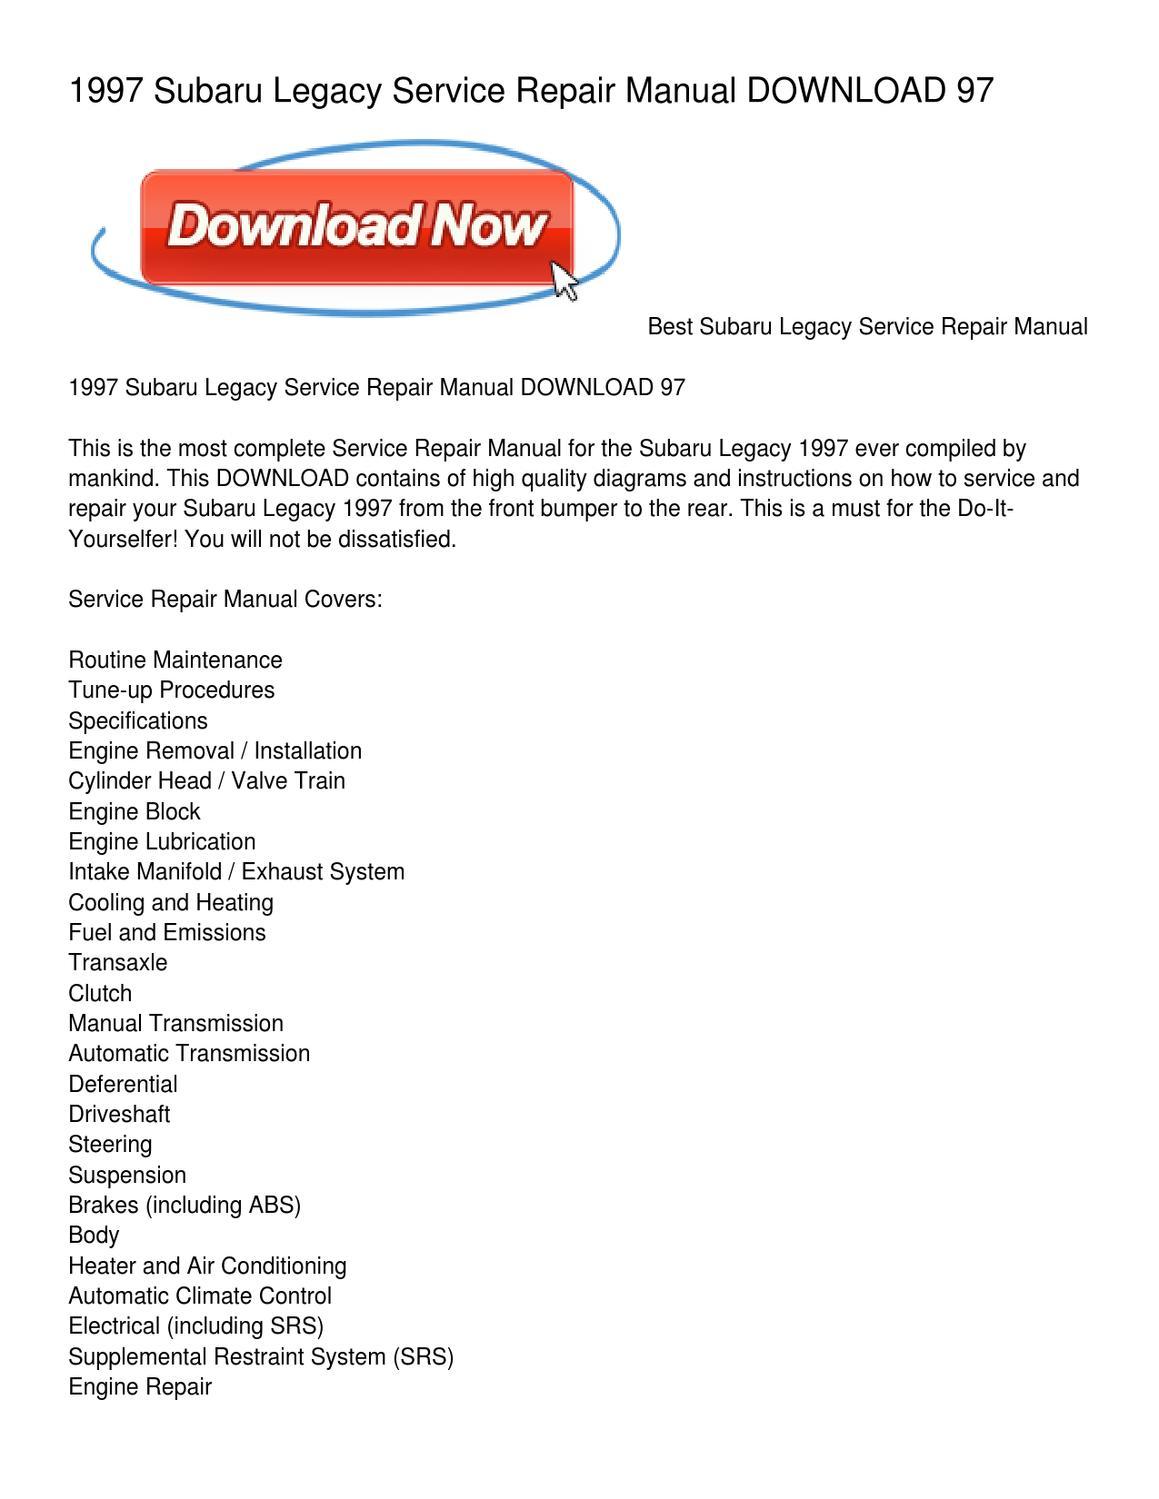 1997 Subaru Legacy Service Repair Manual DOWNLOAD 97 by Dora Warner - issuu